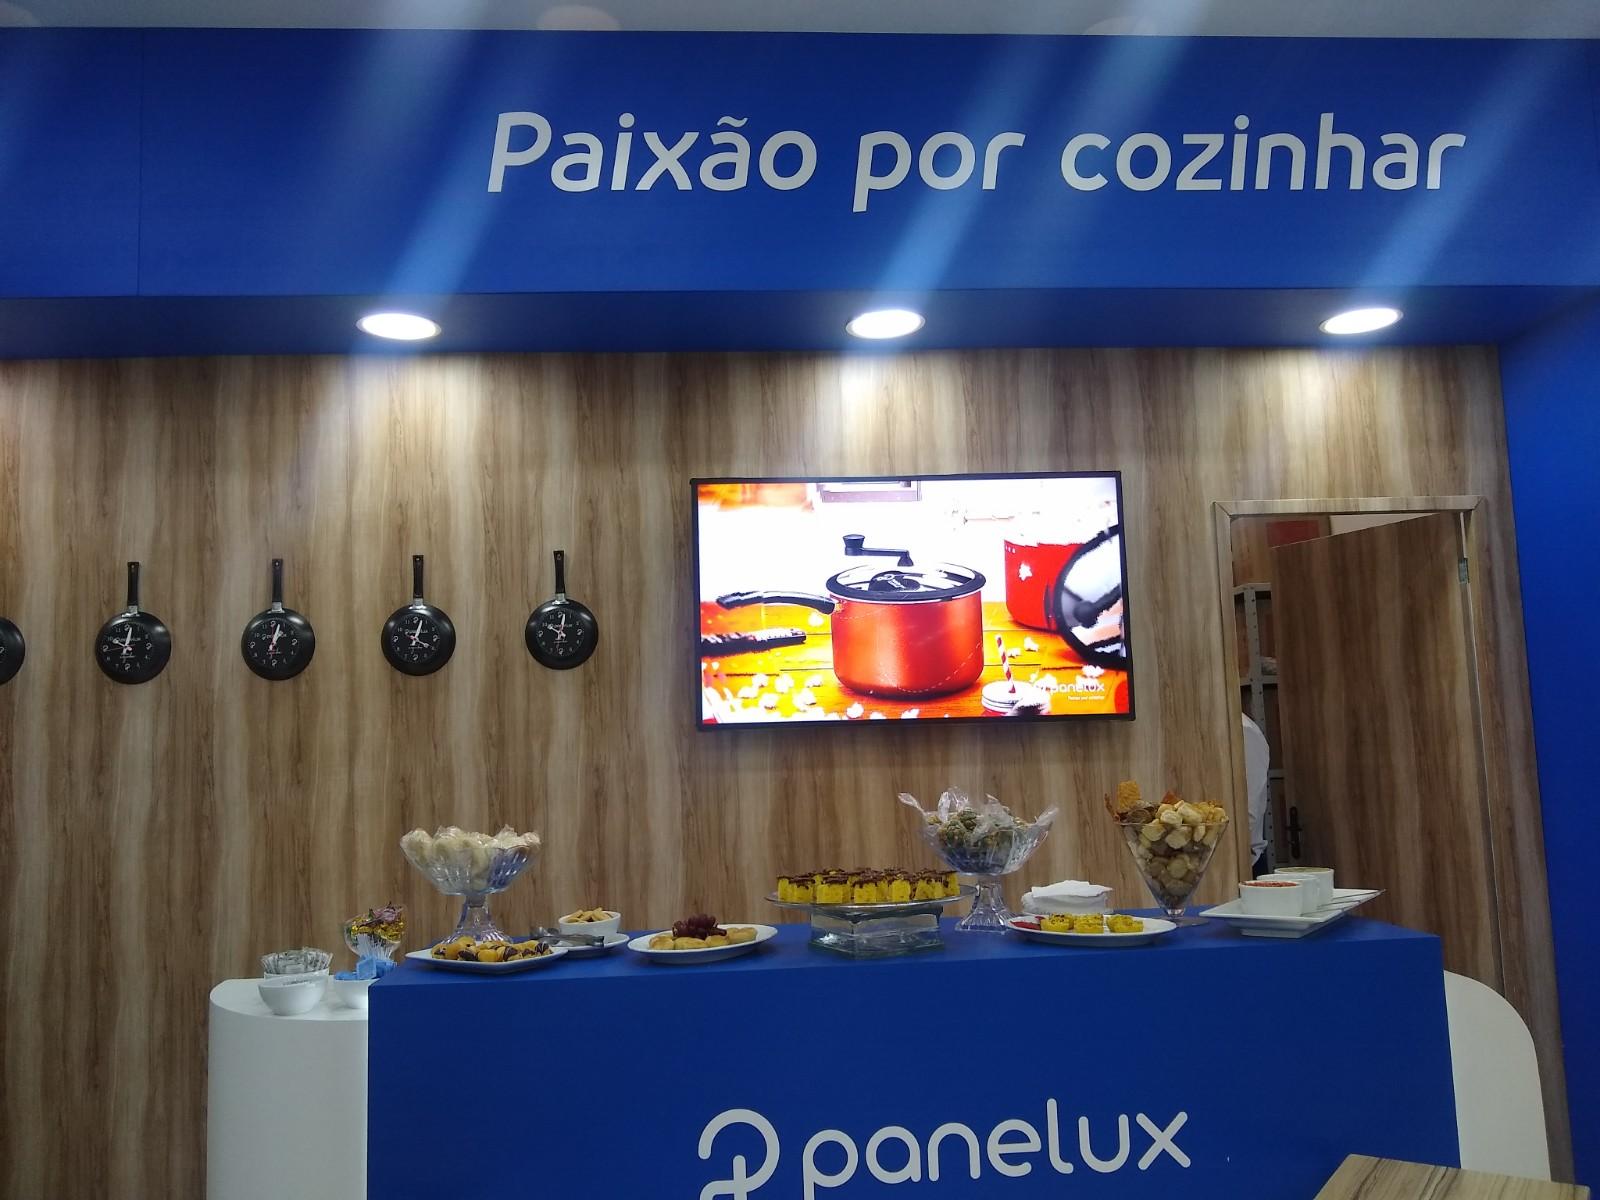 Panelux - Gift